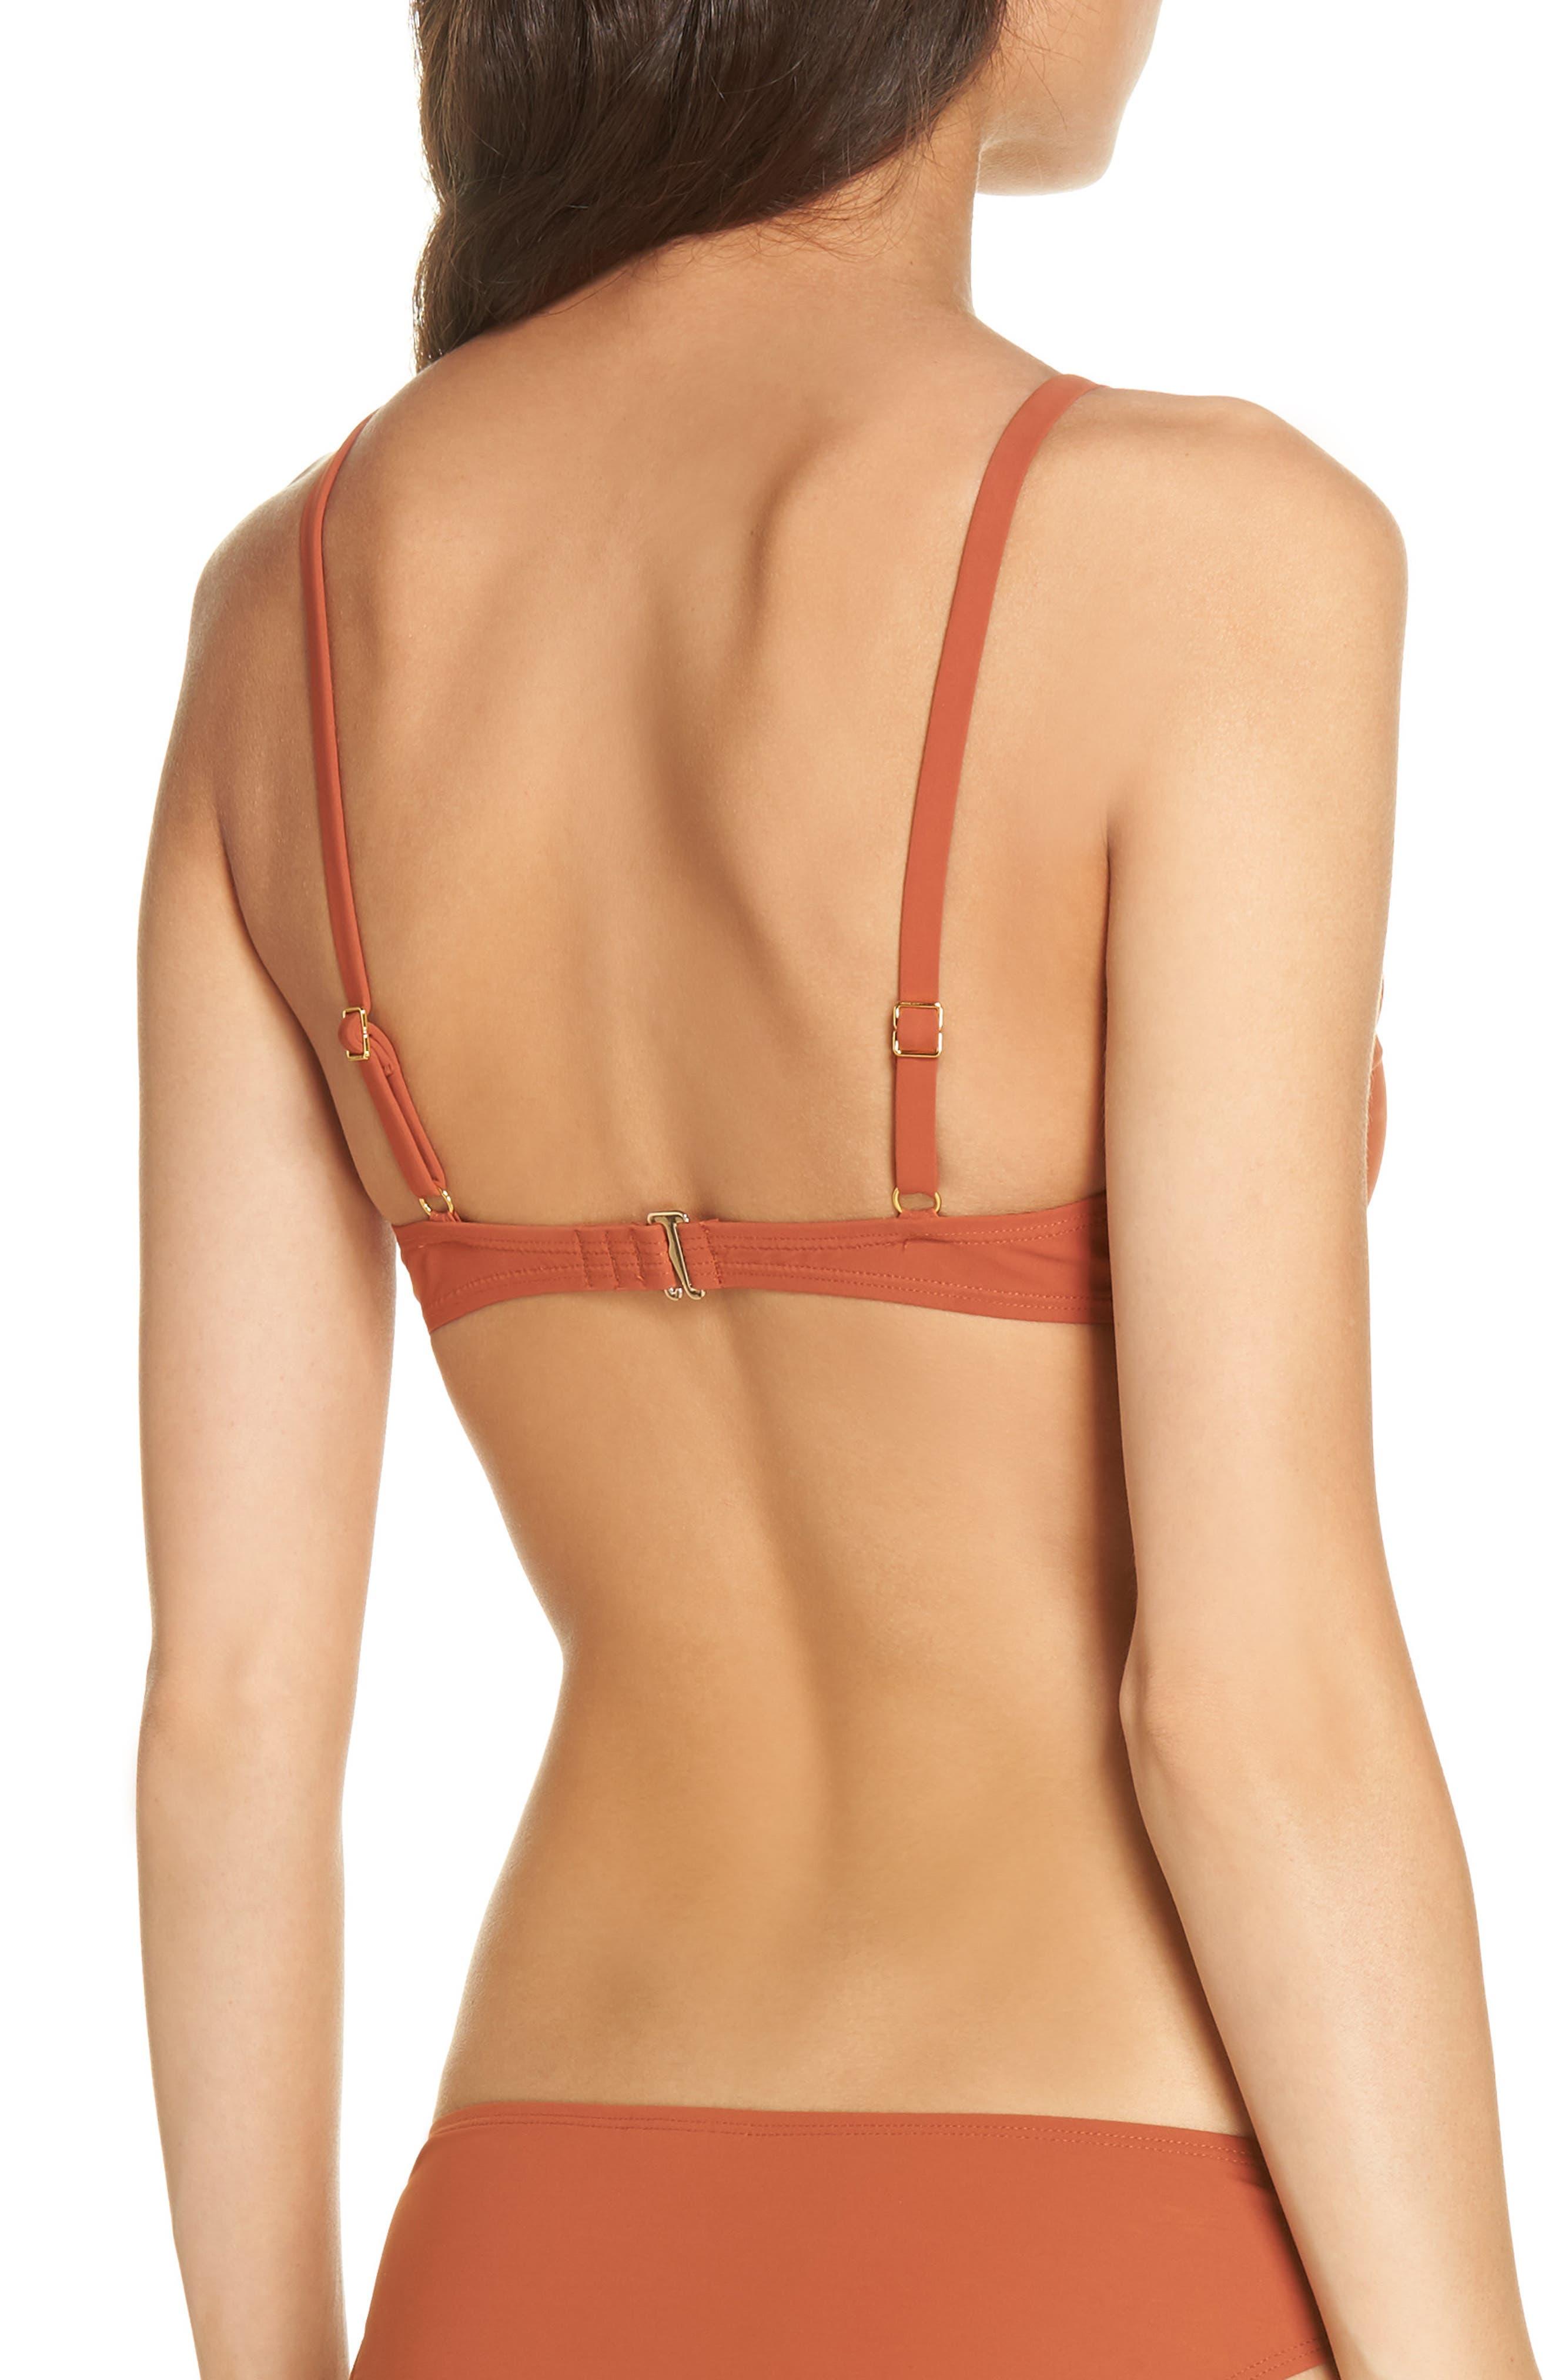 Palma Bikini Top,                             Alternate thumbnail 2, color,                             DESERT SPICE